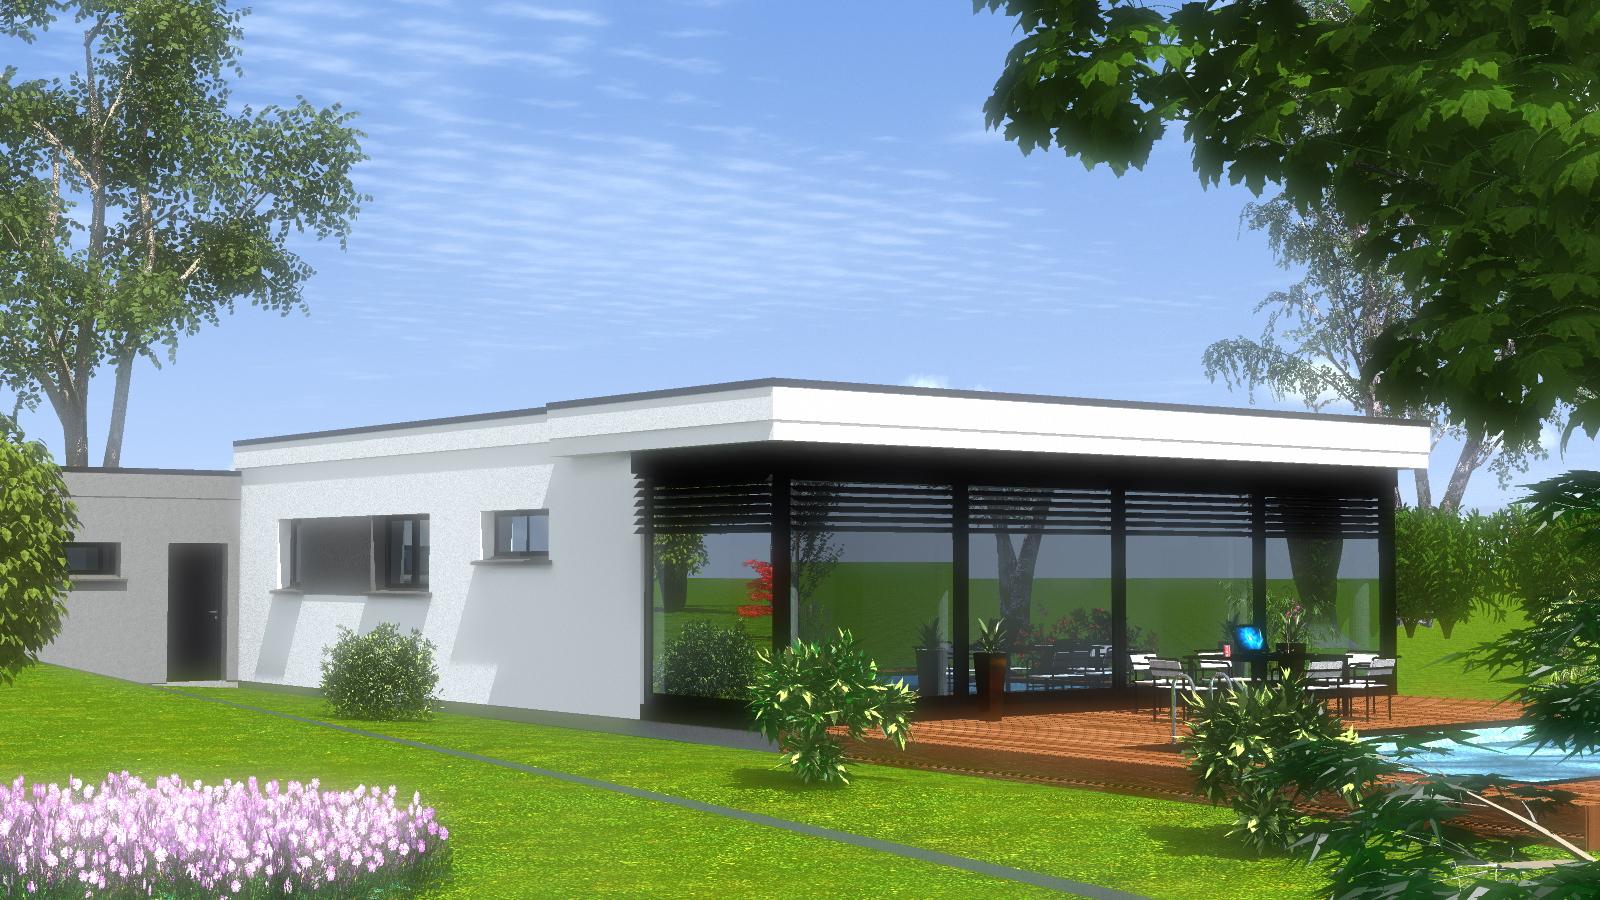 Toit Terrasse Maison Construction Maison toit Plat Maisons Begimaisons Begi